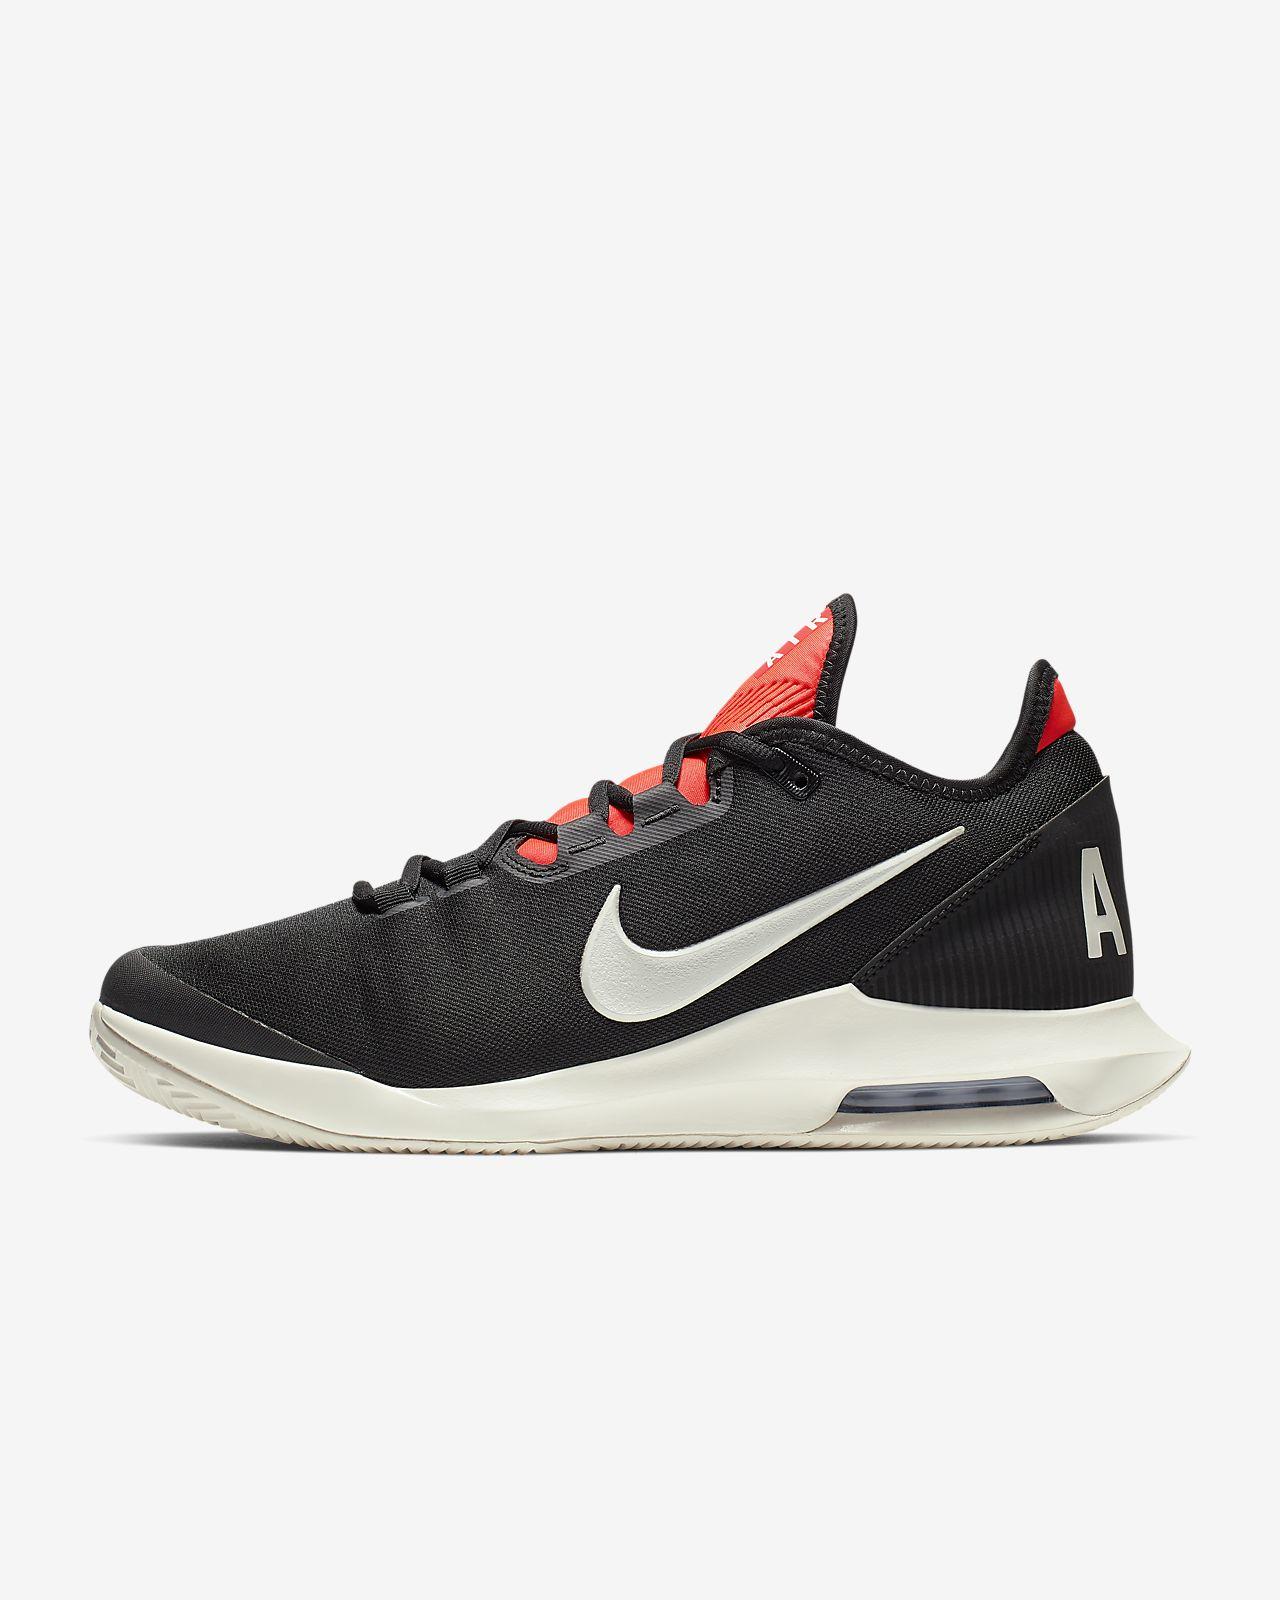 a69b6170aeb NikeCourt Air Max Wildcard Men's Clay Tennis Shoe. Nike.com CZ